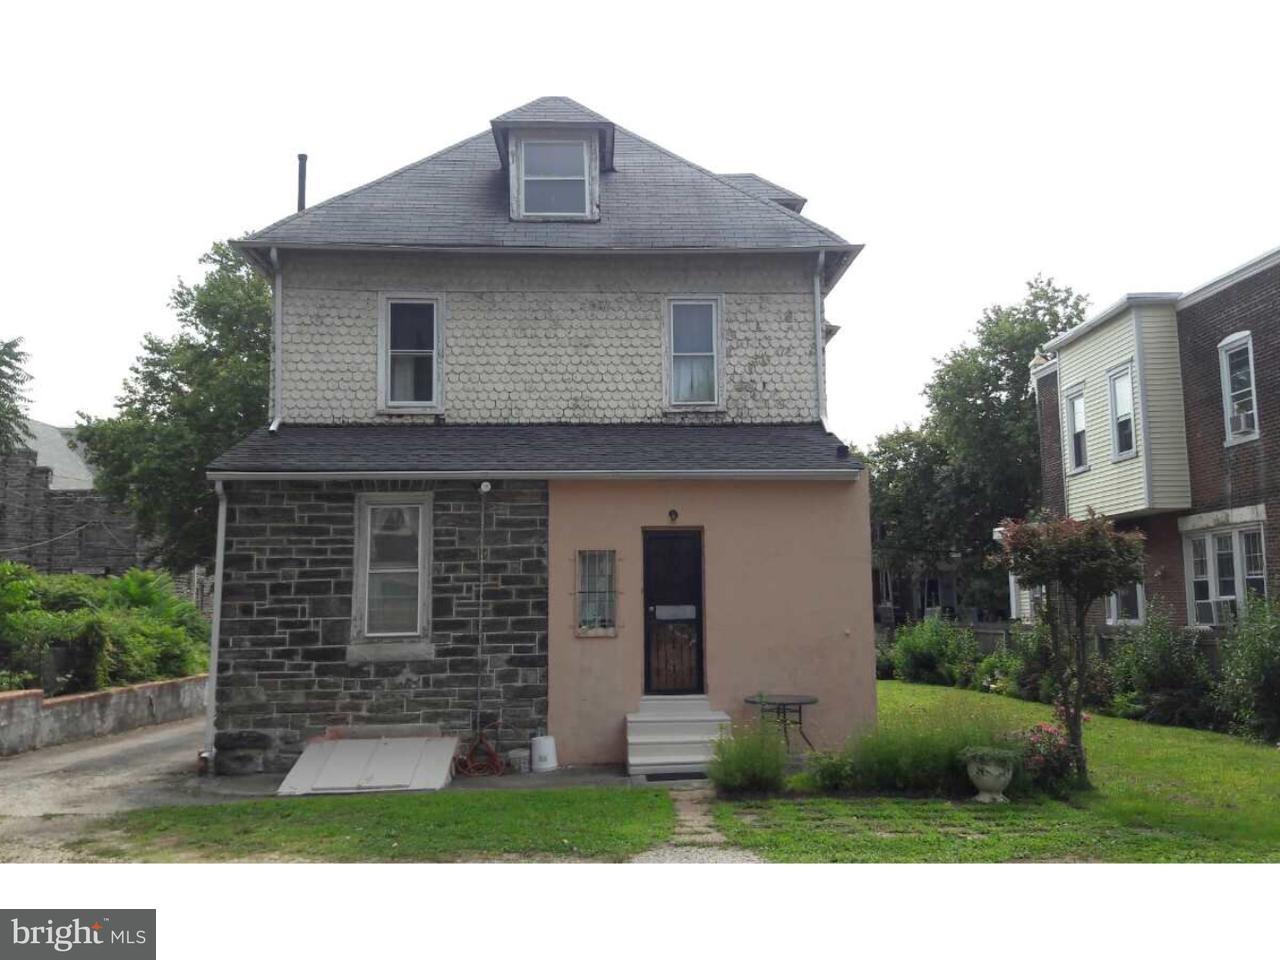 4826 N 13TH Philadelphia , PA 19141